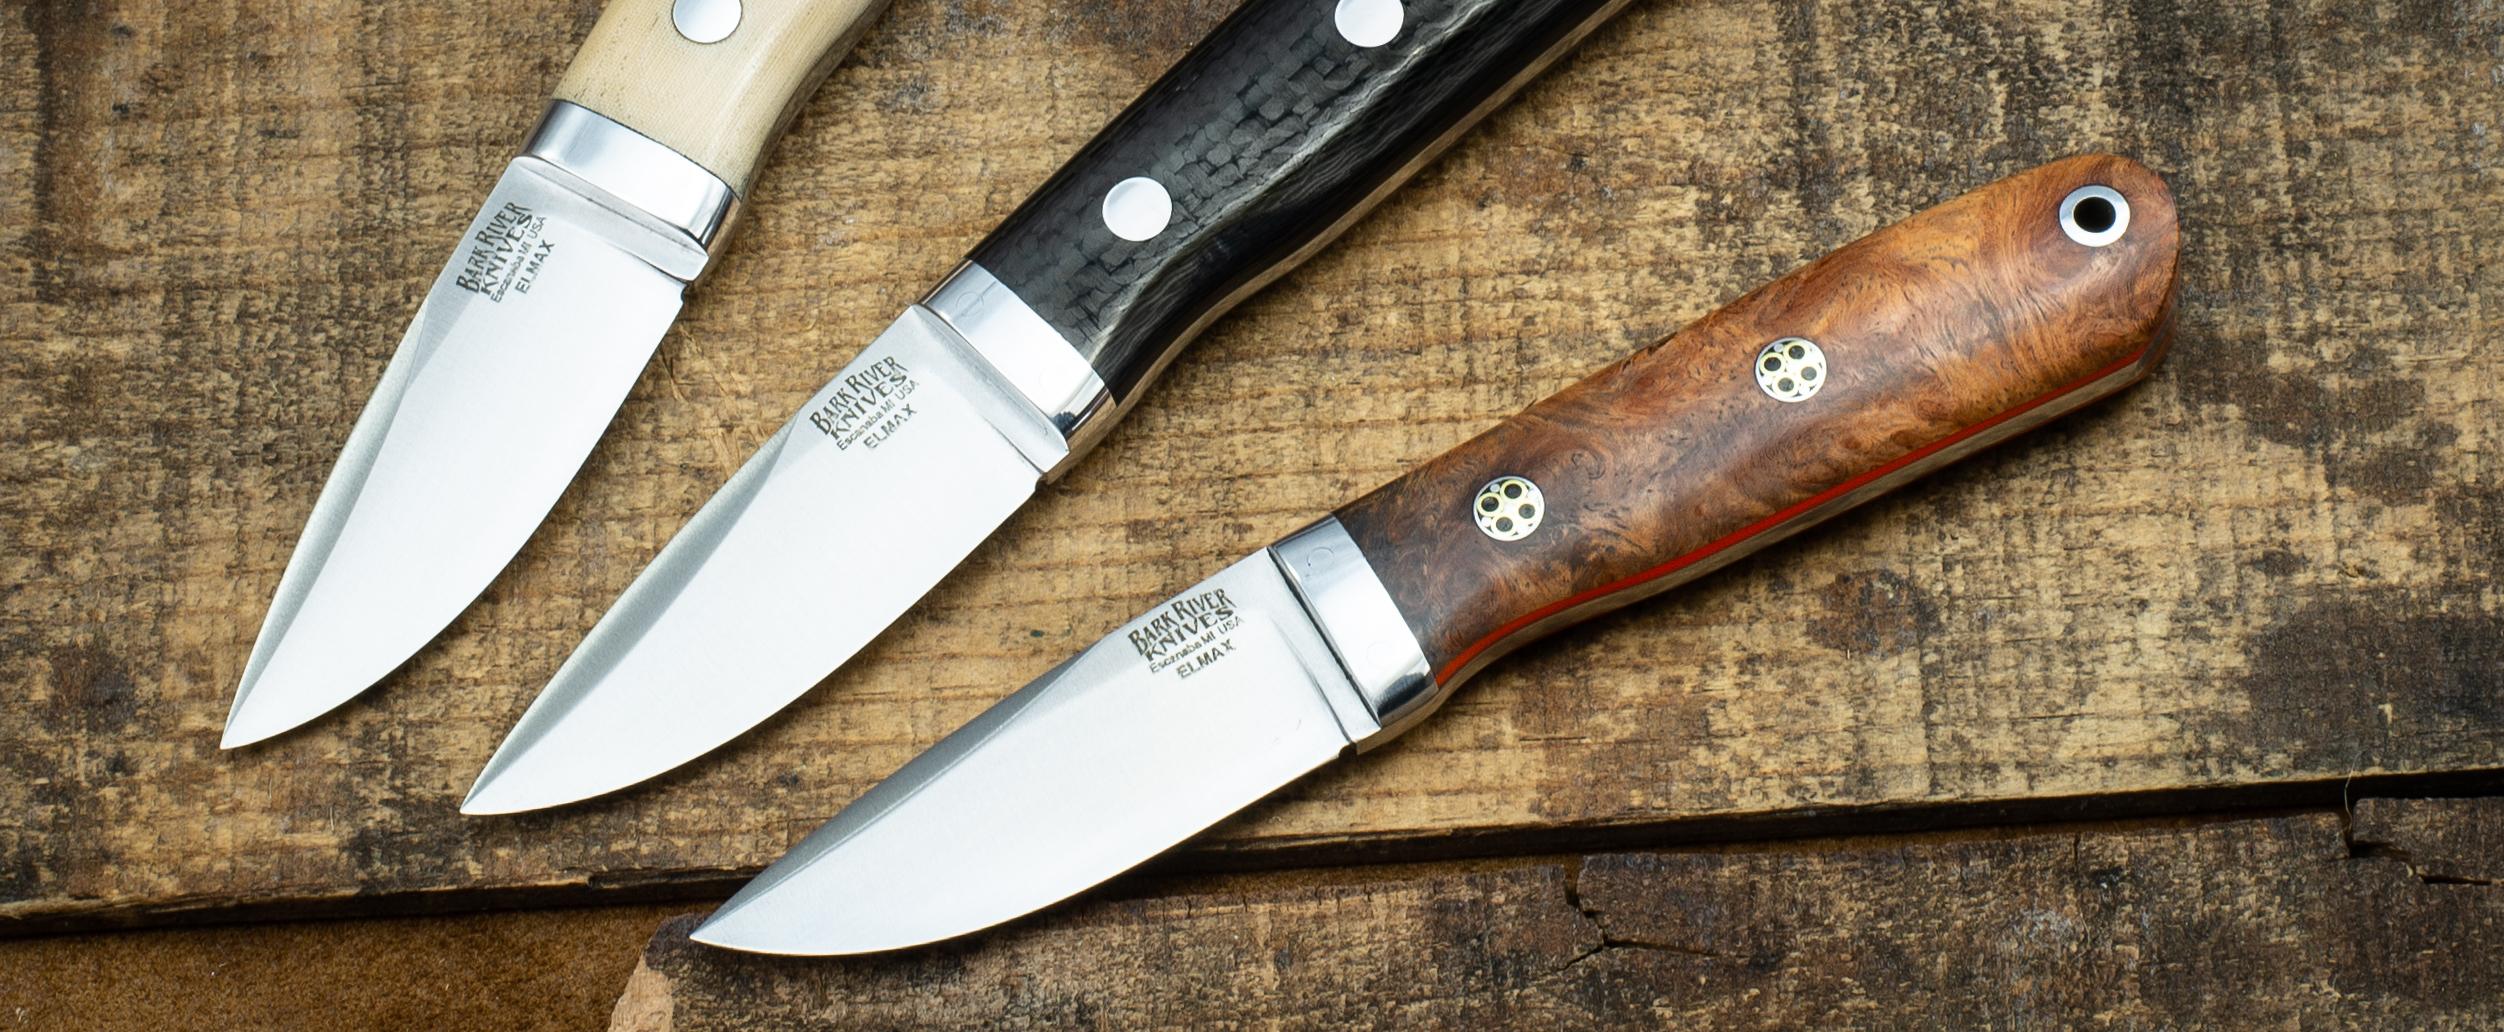 brk-city-knife-elmax-banner.jpg